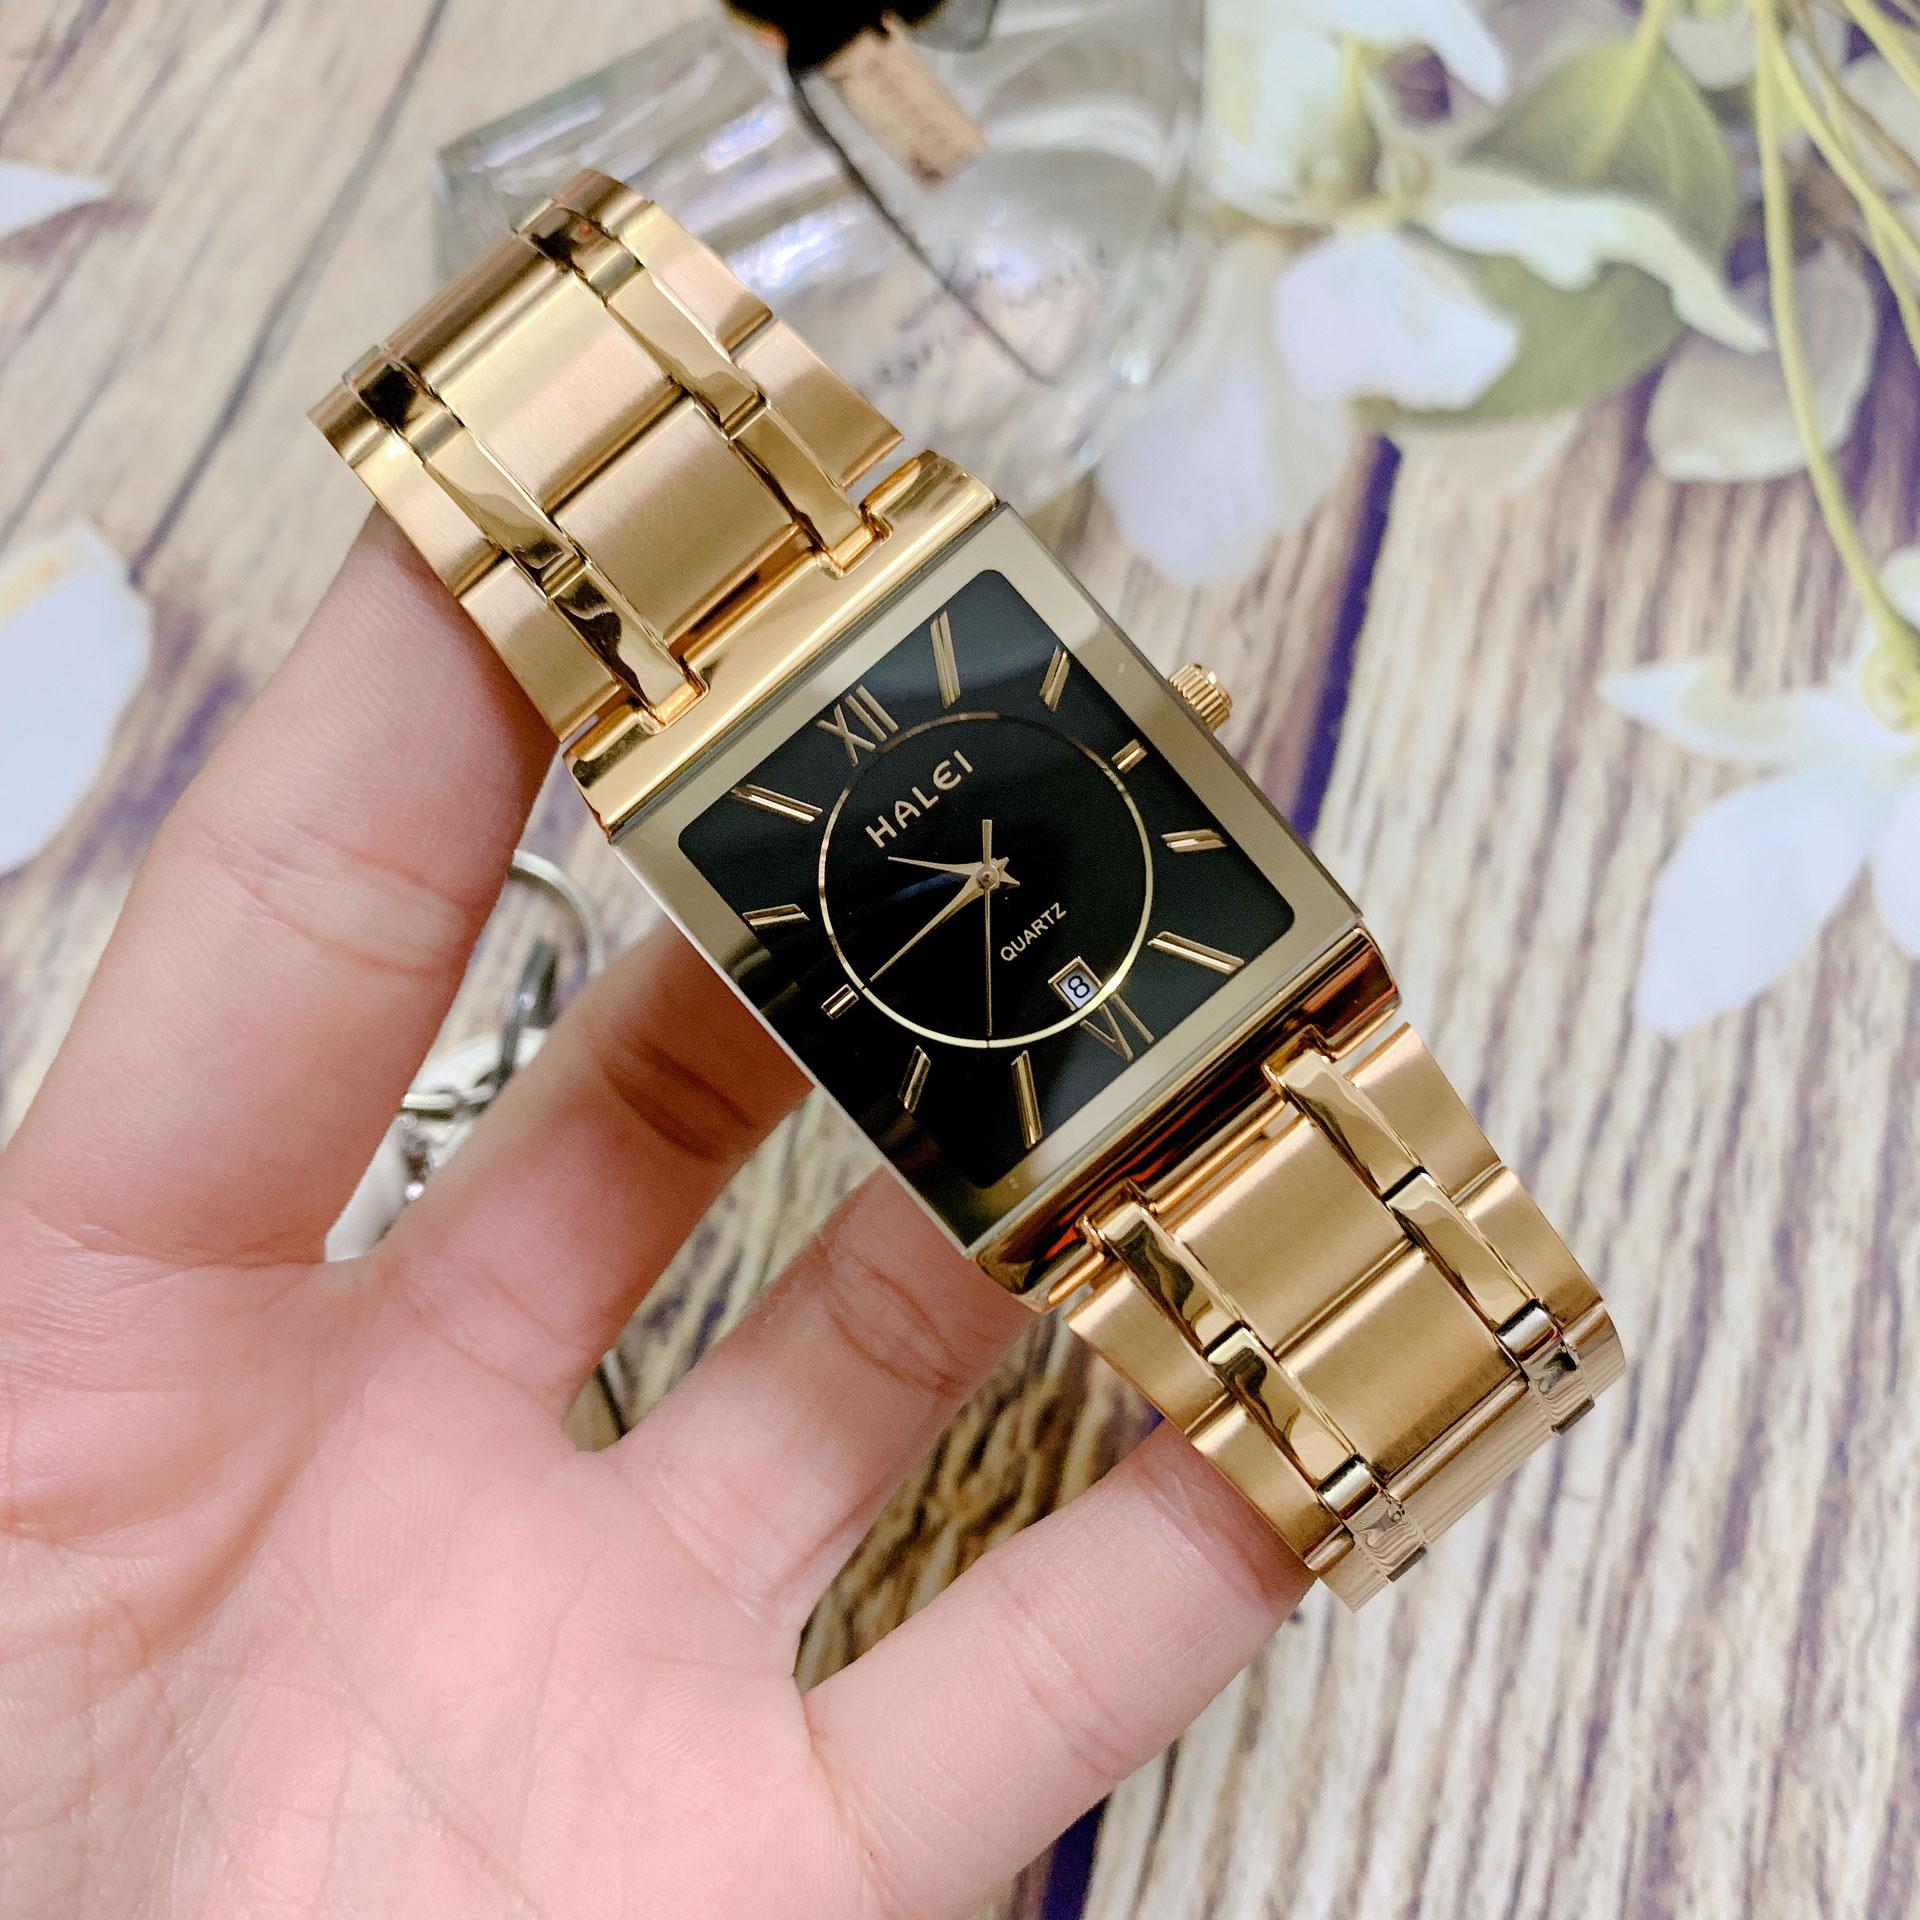 Đồng Hồ Nam Halei HL564 Dây vàng mặt vuông  (Tặng pin Nhật sẵn trong đồng hồ + Móc Khóa gỗ Đồng hồ 888 y hình)